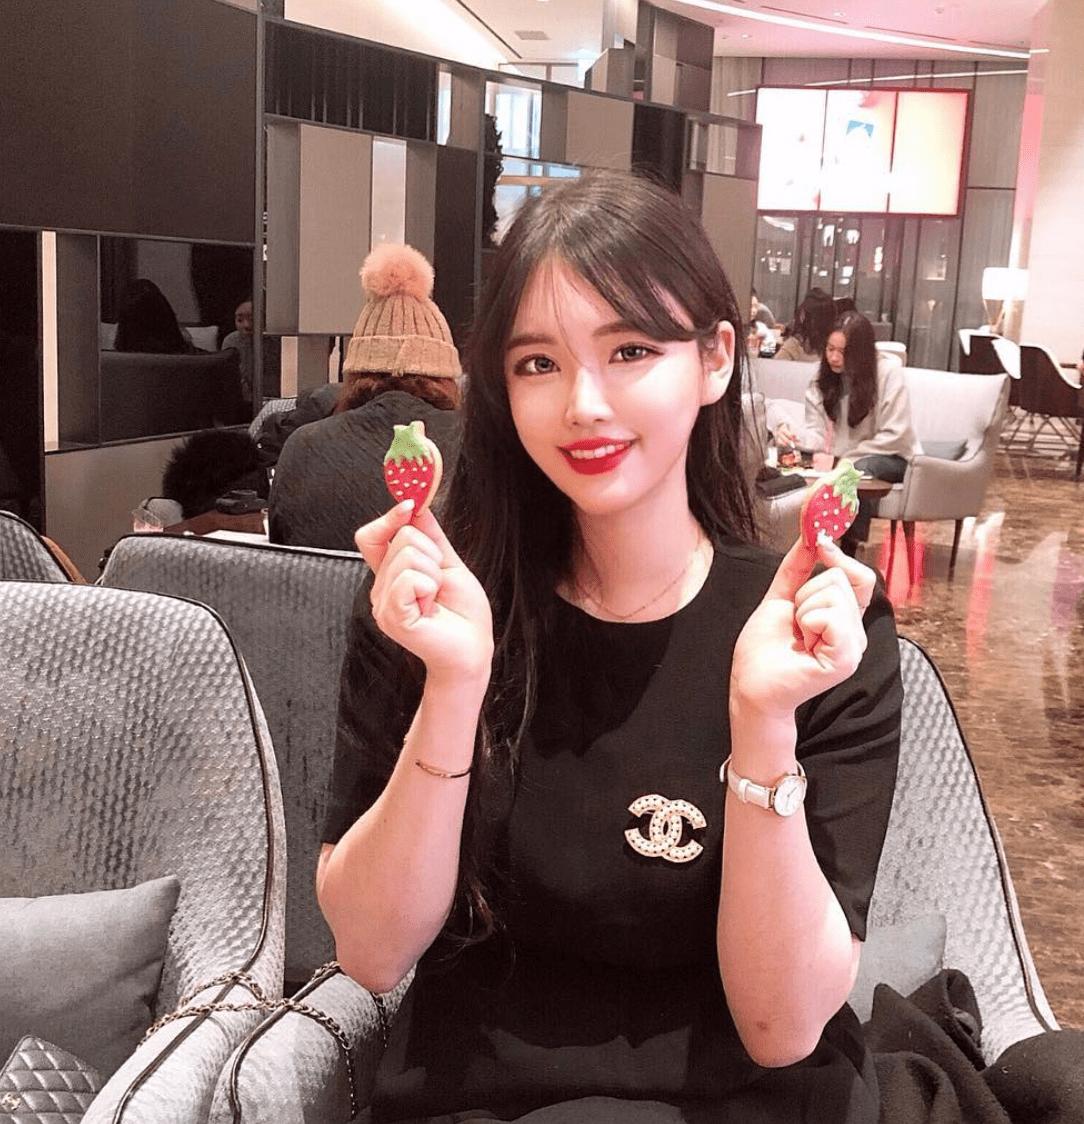 korean-instagram-model-social-media-infuencer-xoyeonee-4.png